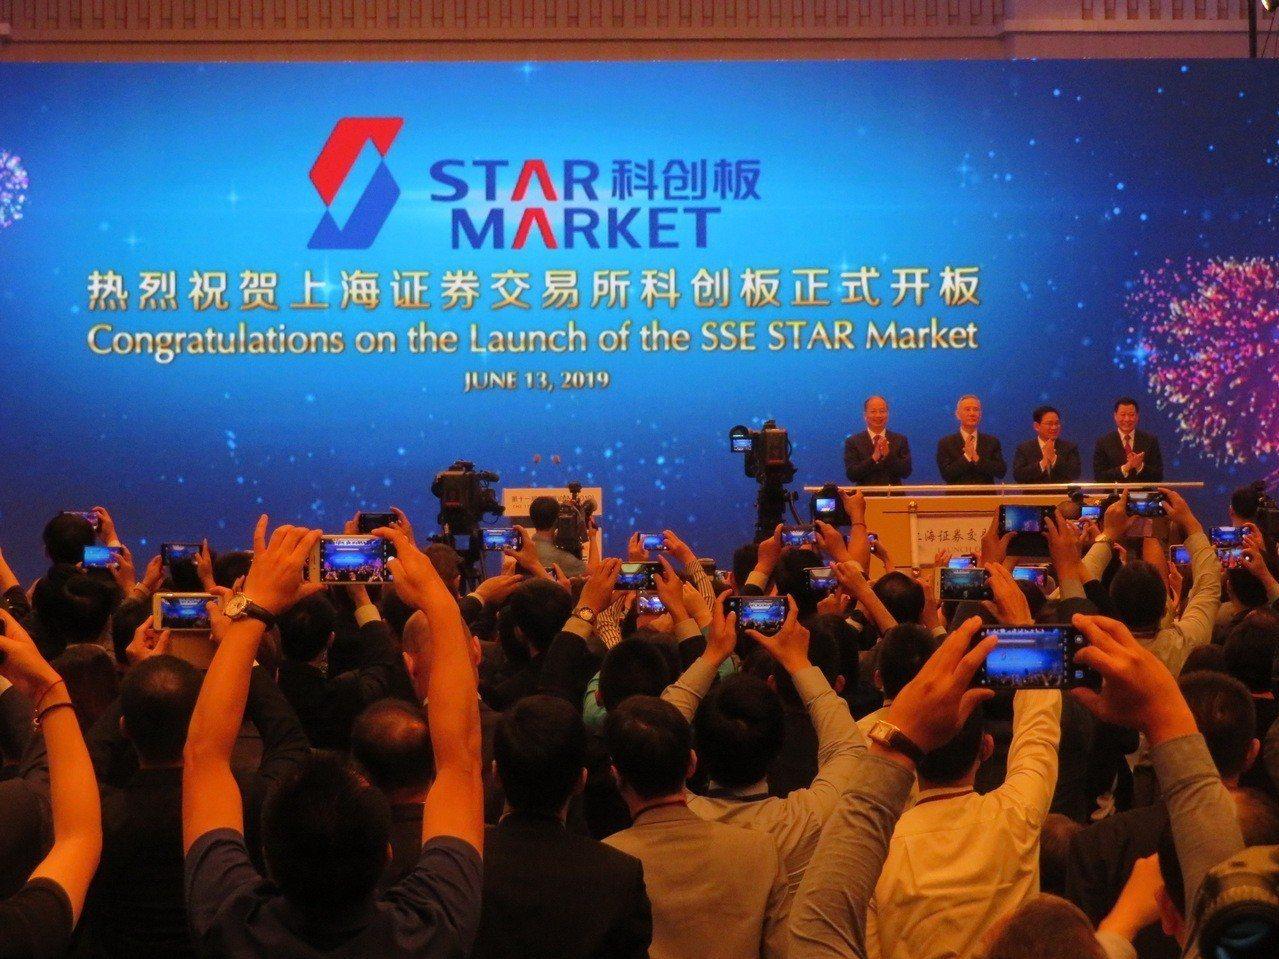 第11屆陸家嘴論壇上,由中國證監會主席易會滿宣布正式開板。世界日報記者/林則宏攝...